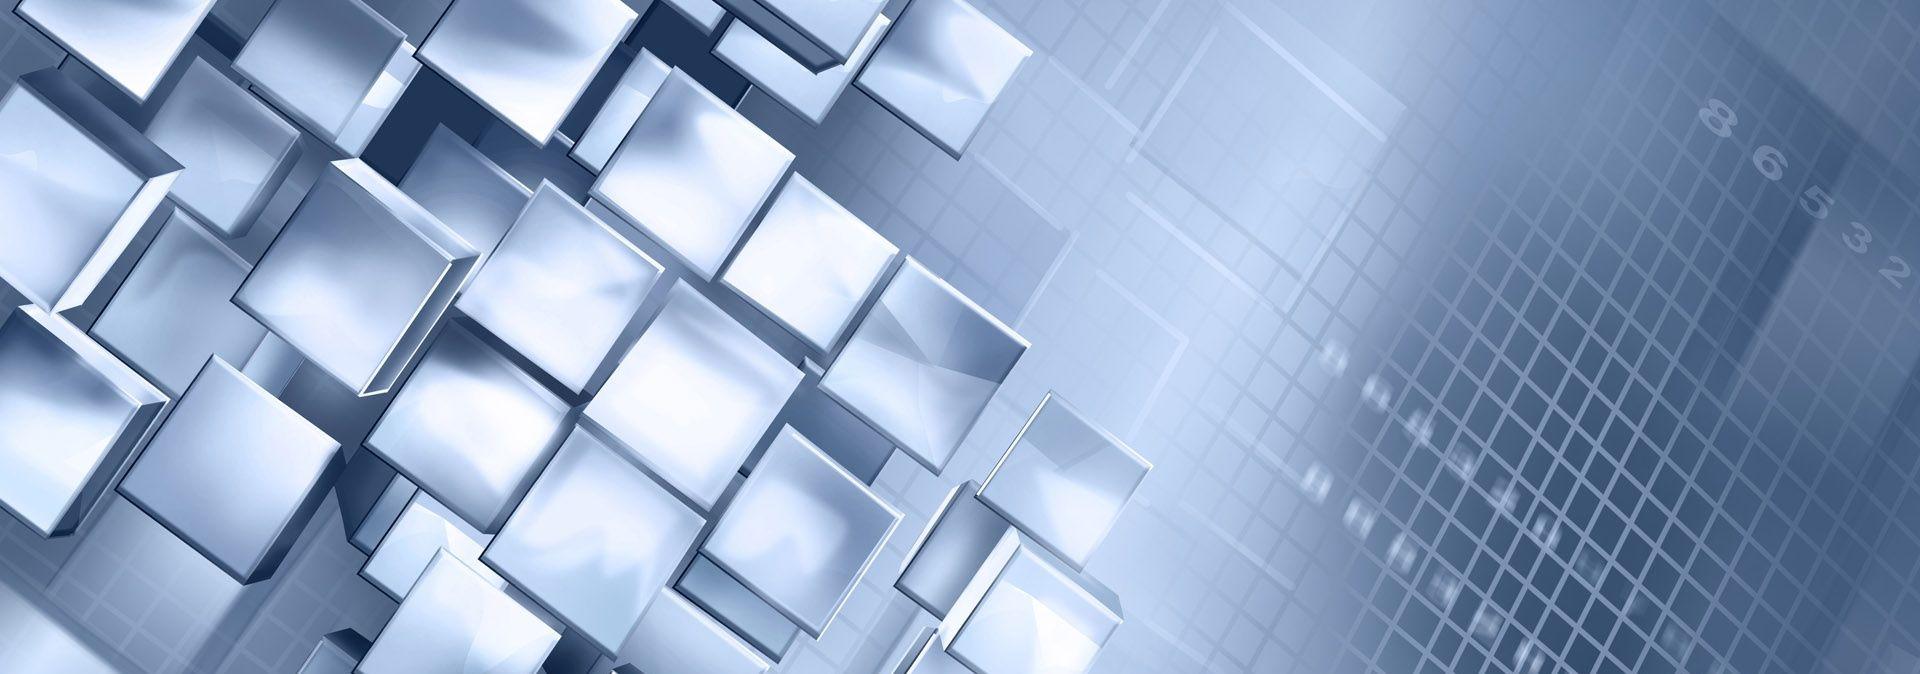 SAP Leonardo – IoT